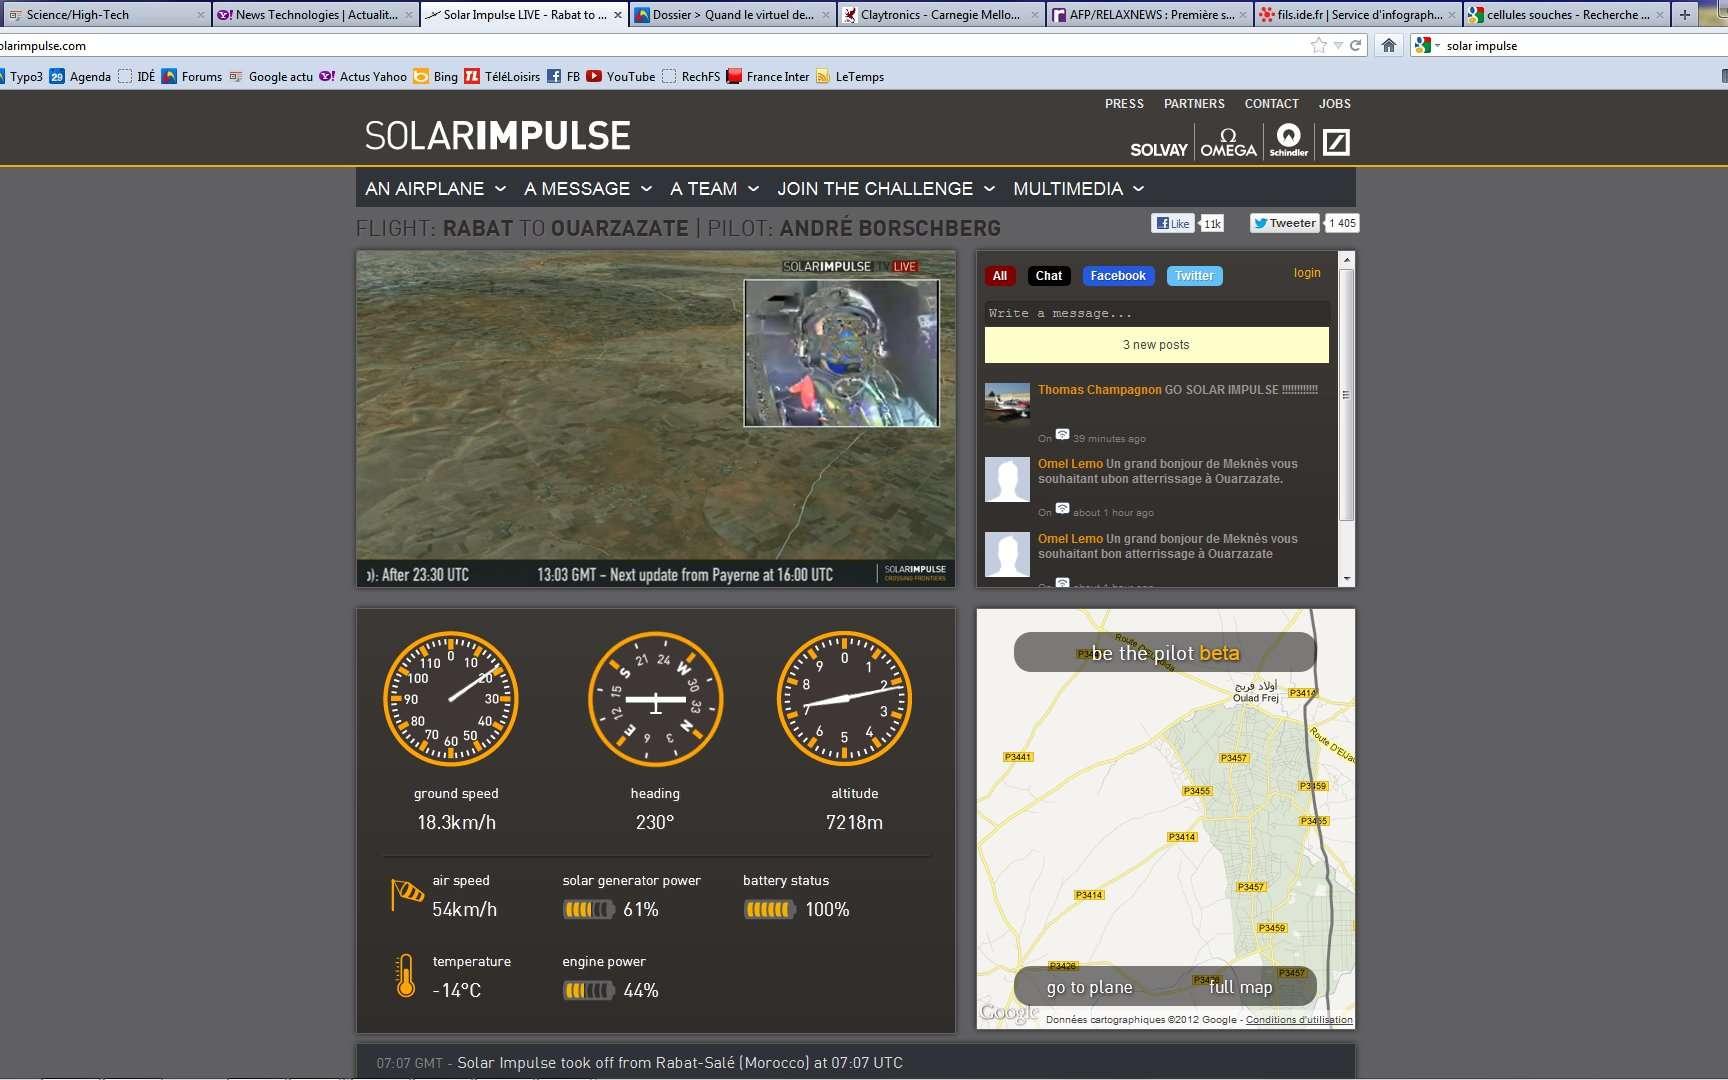 Une vue du cockpit virtuel proposée en direct sur le site de Solar Impulse. Il est 13 h 30 TU (15 h 30 en France). L'avion vient de passer Casablanca et se dirige vers Marrakech. Devant lui, l'Atlas. Les vents sont bien plus forts que prévu : la vitesse/sol (ground speed) en témoigne... L'équipe discute ferme. Et décision est prise de faire demi-tour, le seul aéroport de dégagement étant Rabat. © Solar Impulse